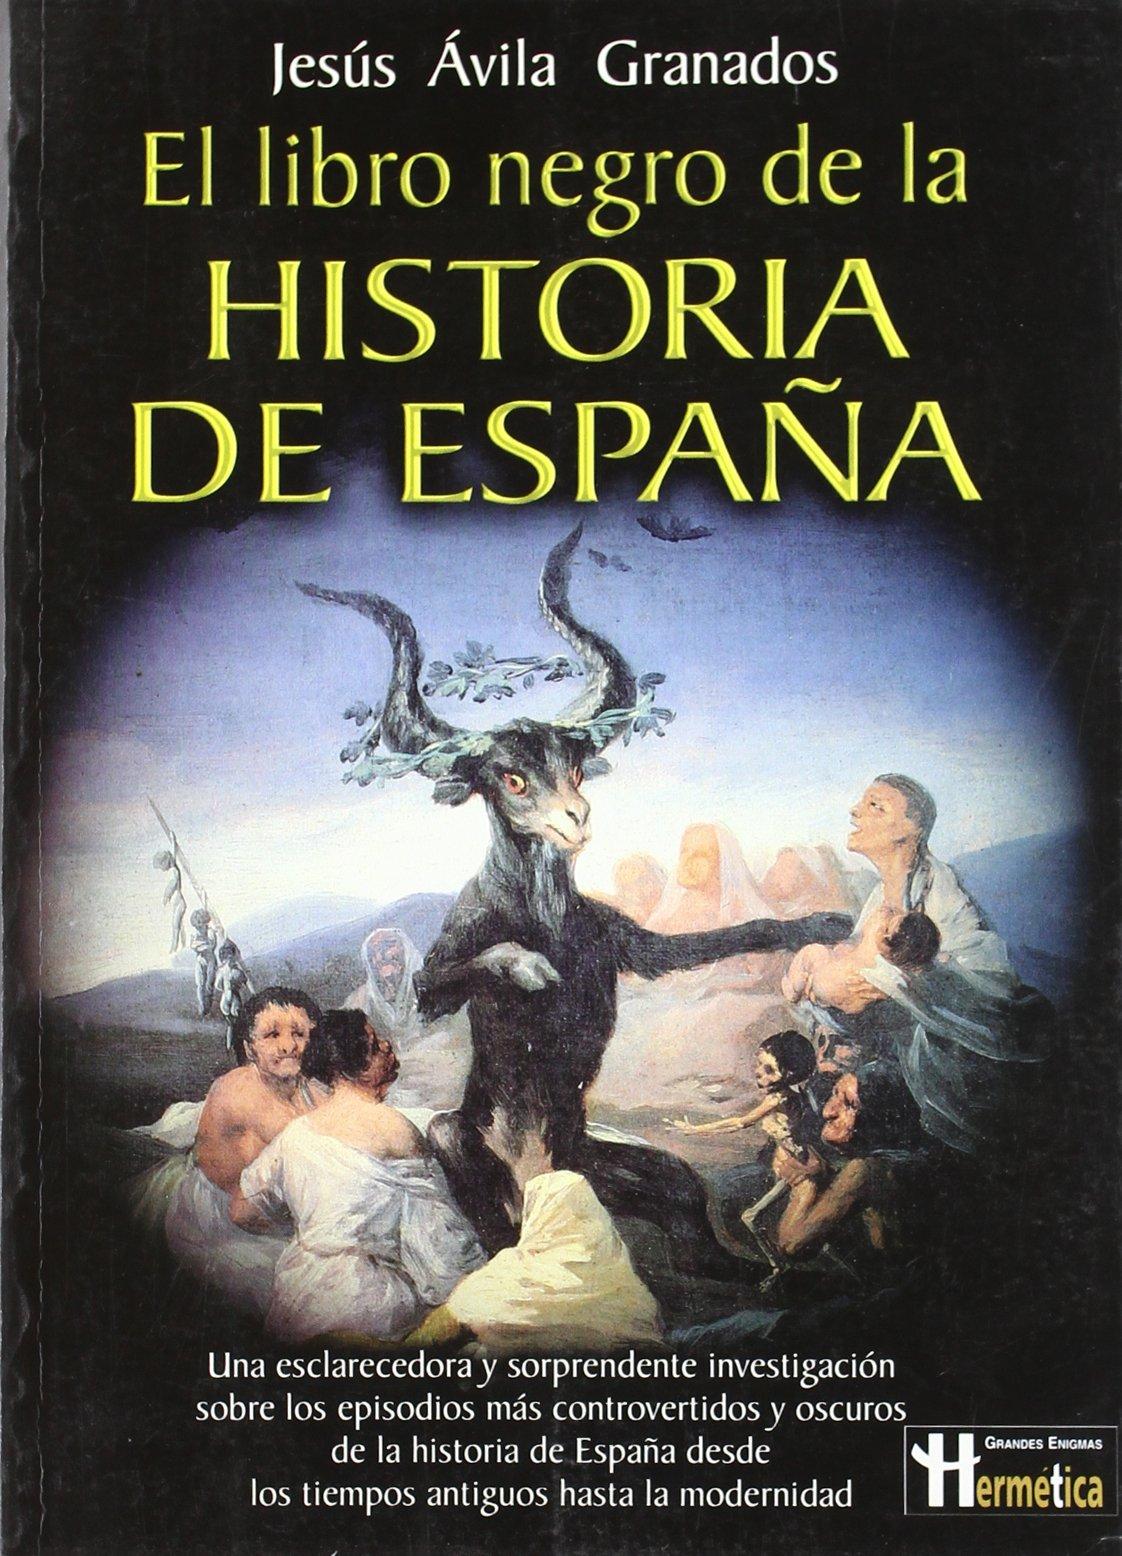 Libro negro de la historia de españa, el: Existe «otra» historia de españa, la que no está en los libros oficiales de historia: Amazon.es: Ávila Granados, Jesús: Libros